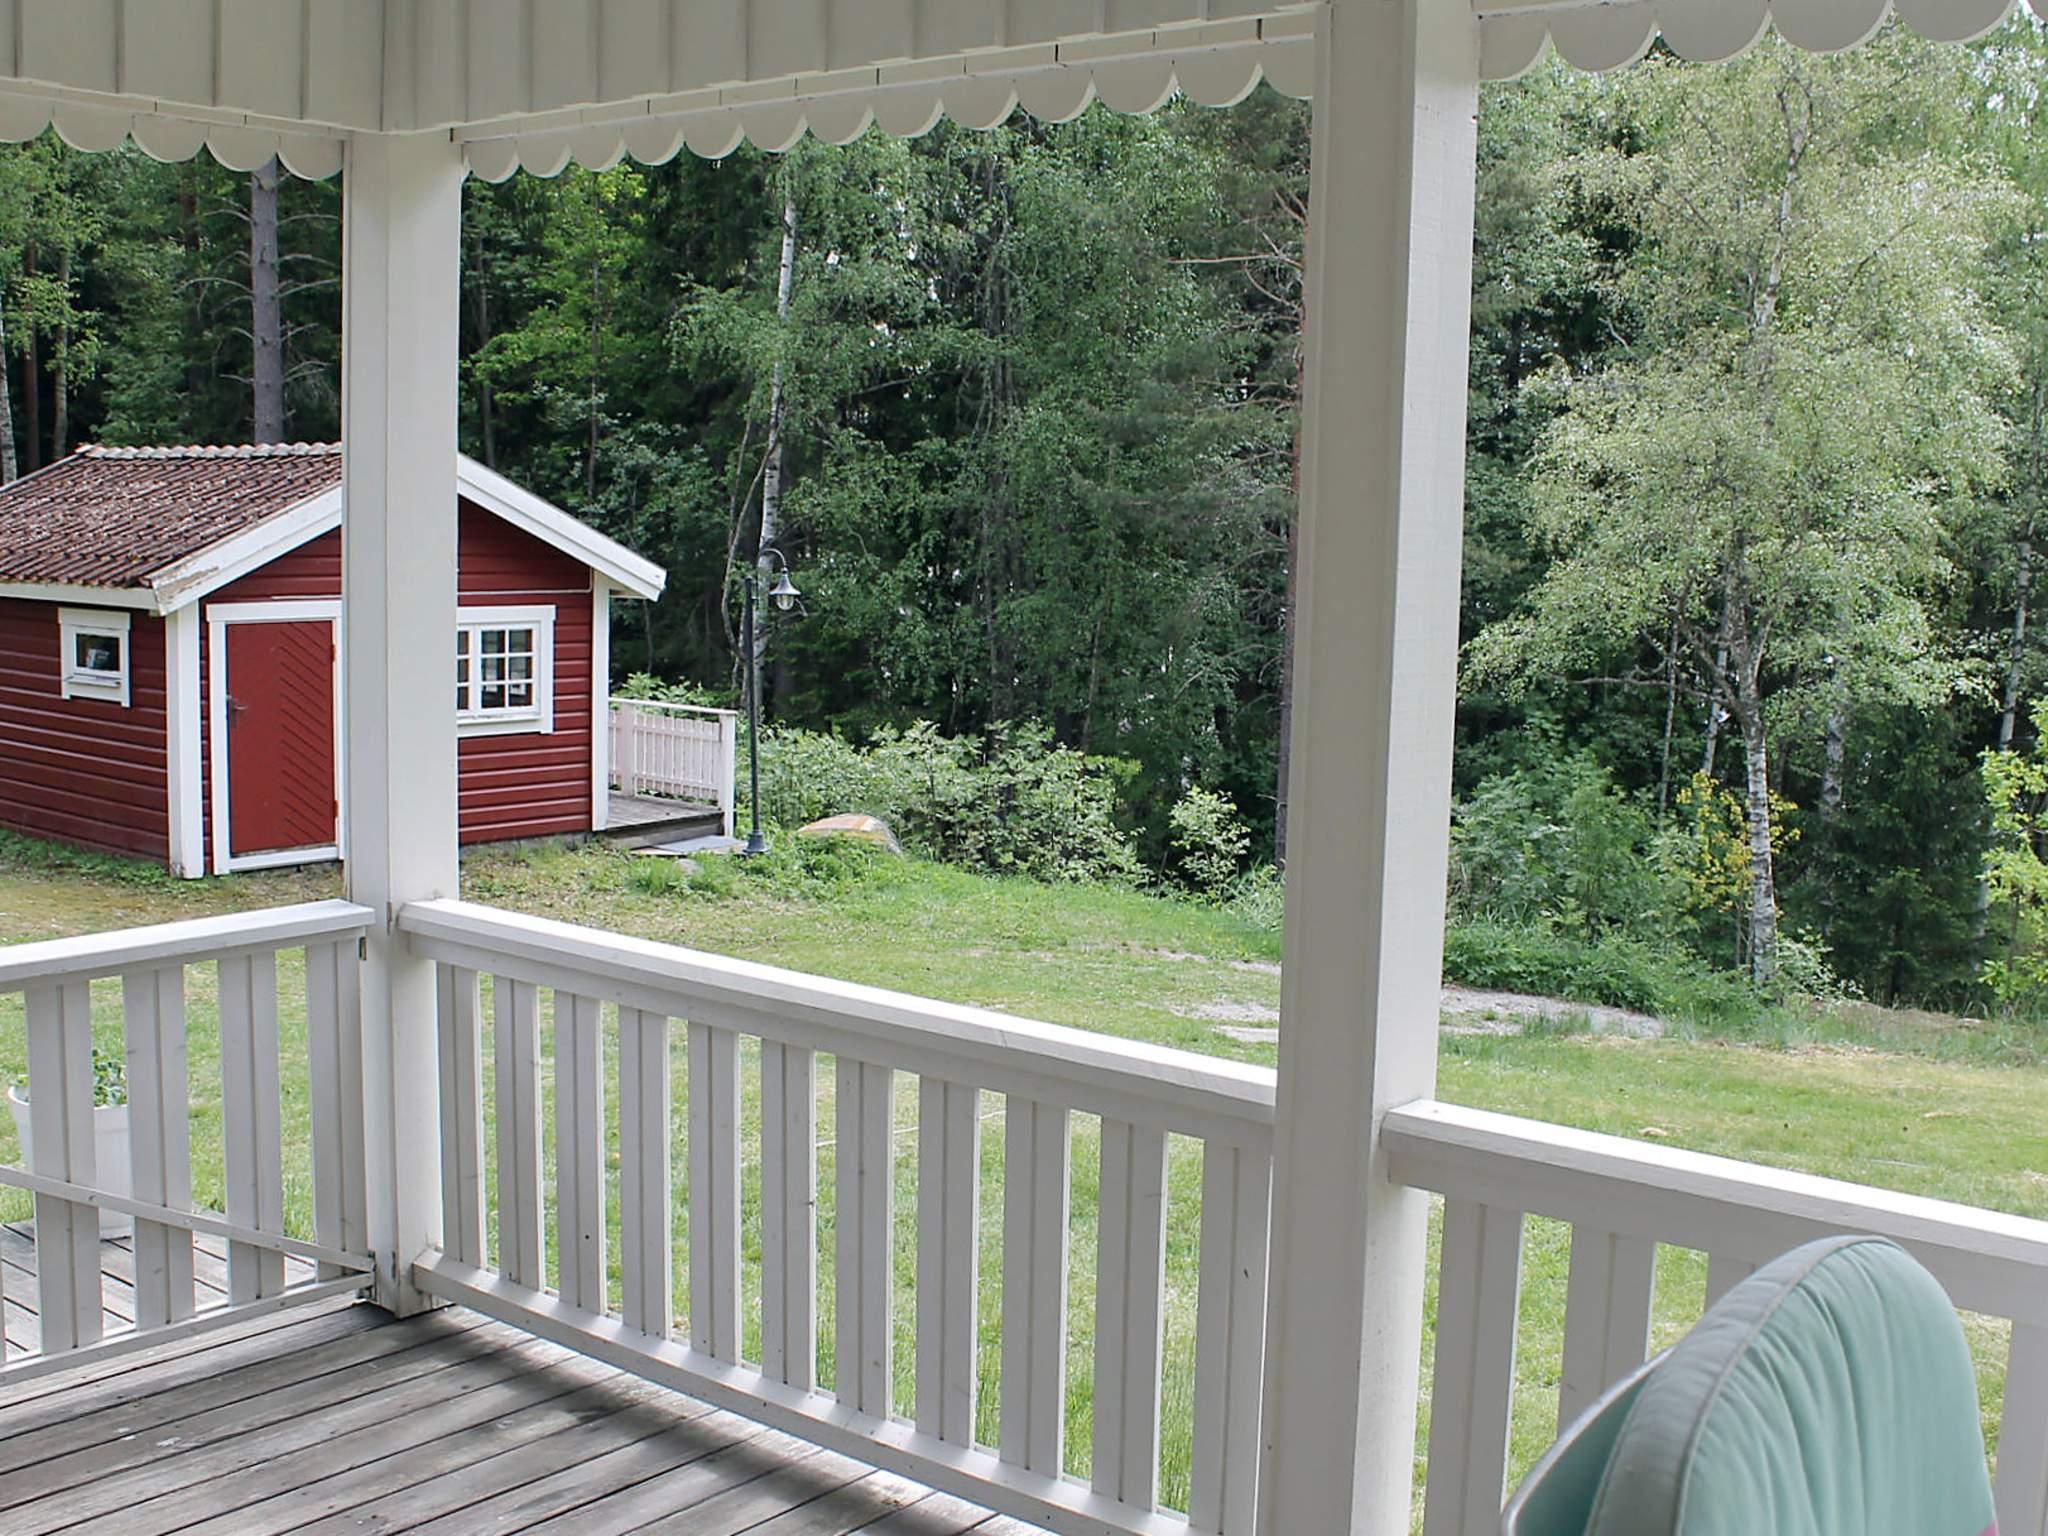 Ferienhaus Eksjö (642218), Hult, Jönköpings län, Südschweden, Schweden, Bild 31